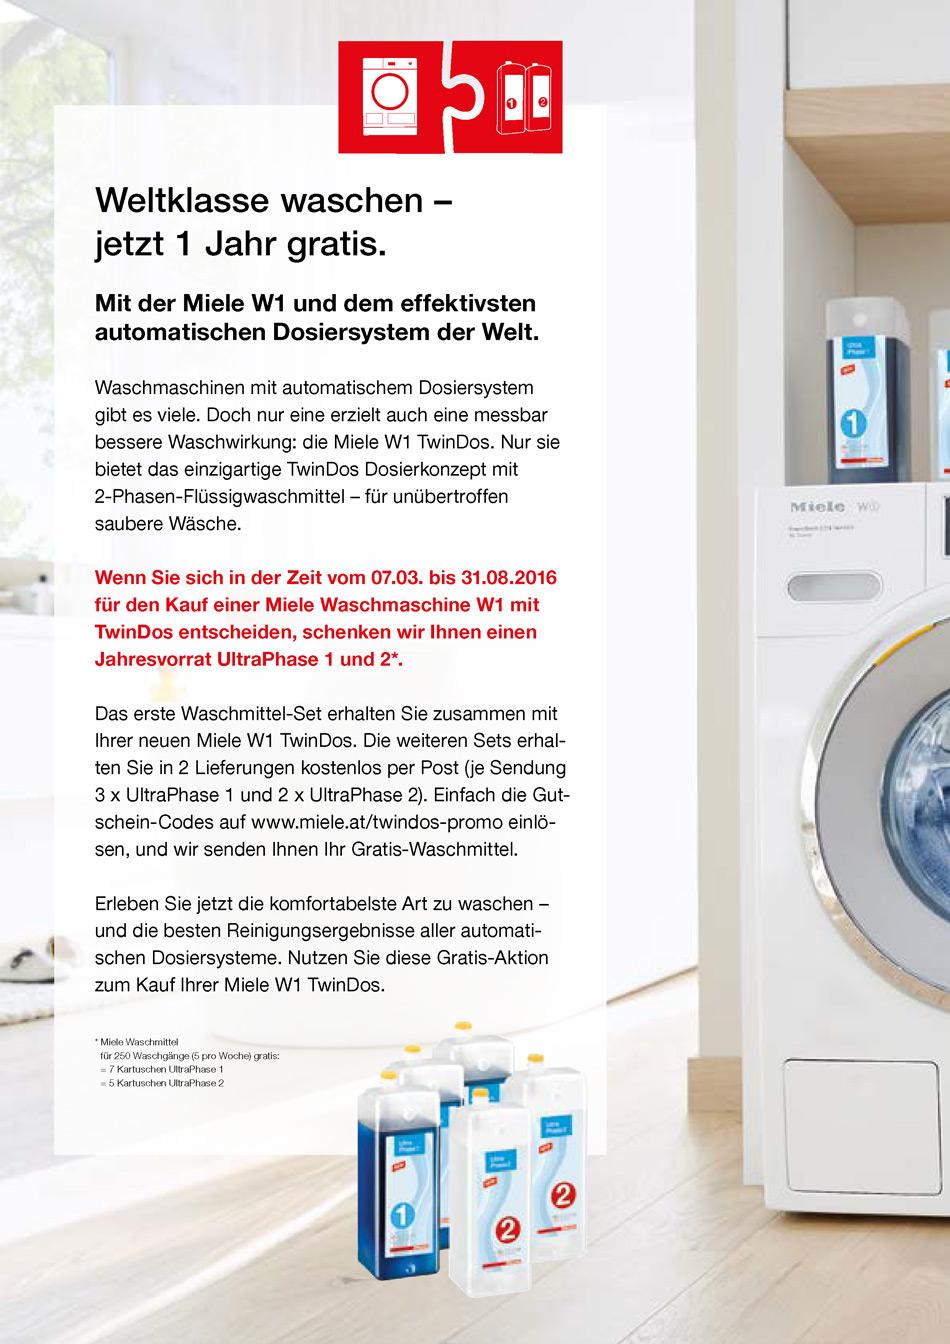 mit miele und elektrotechnik jansenberger jetzt ein jahr gratis waschen elektriker. Black Bedroom Furniture Sets. Home Design Ideas